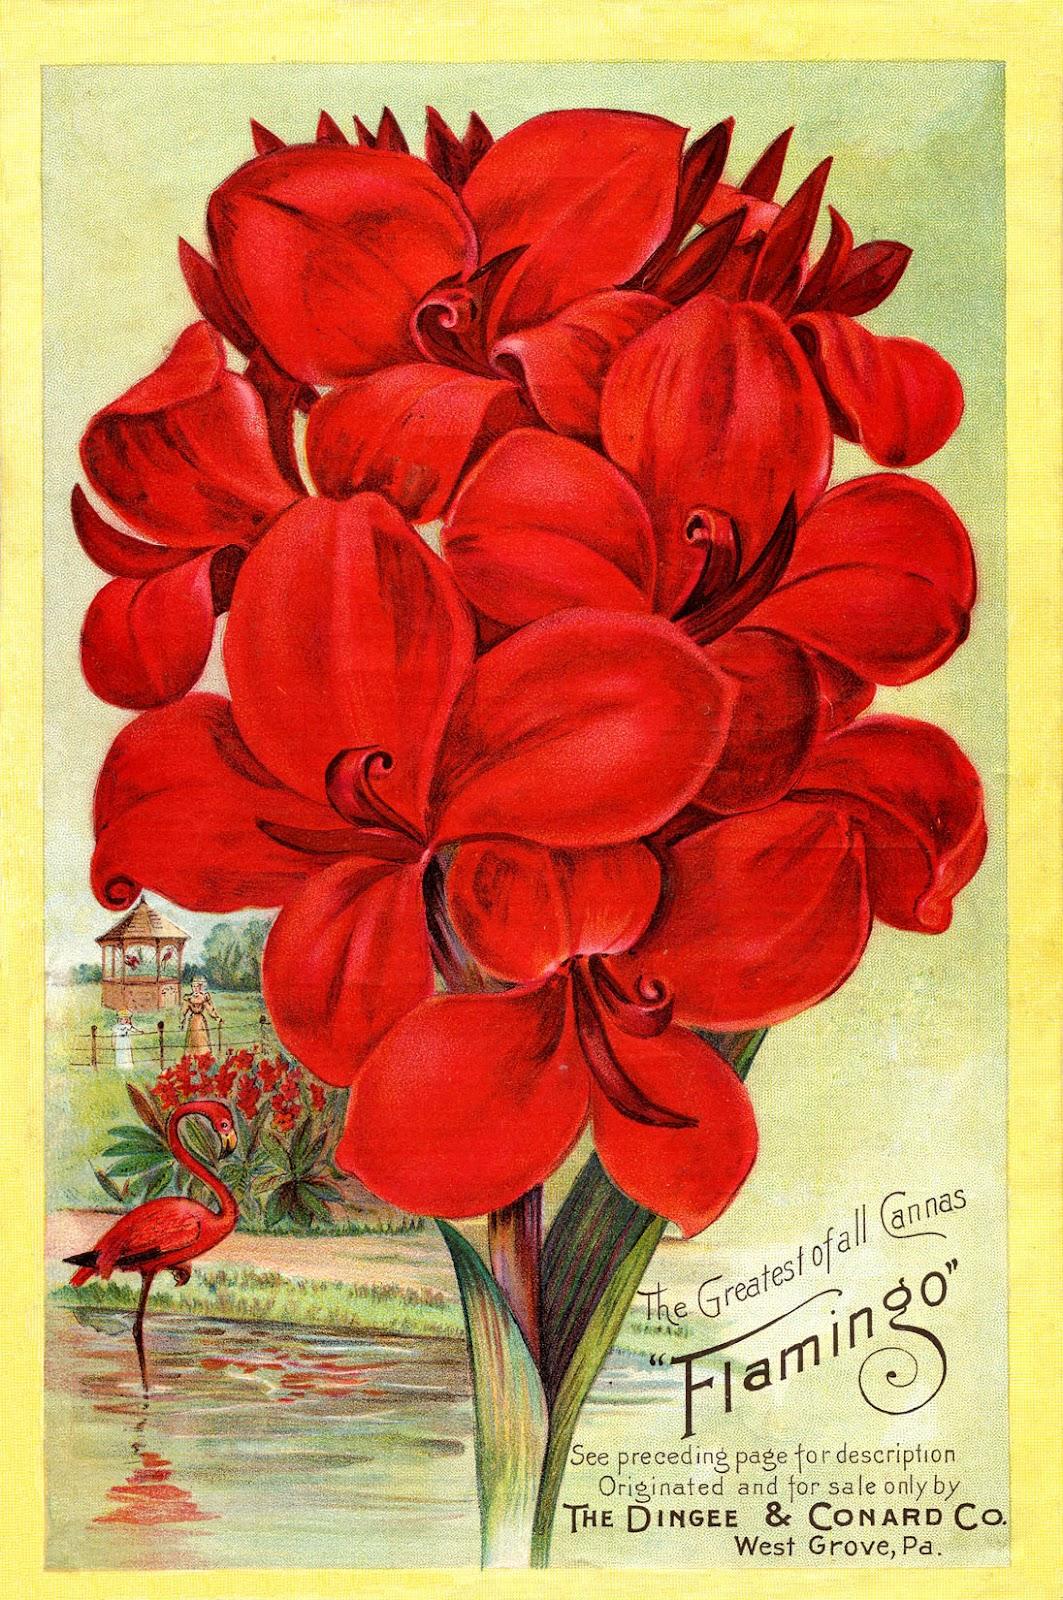 http://2.bp.blogspot.com/--8_QIZotiYA/UFkRN4exH6I/AAAAAAAAWYs/mRBNSr7U16c/s1600/Cannas-Flamingo-GraphicsFairy2.jpg